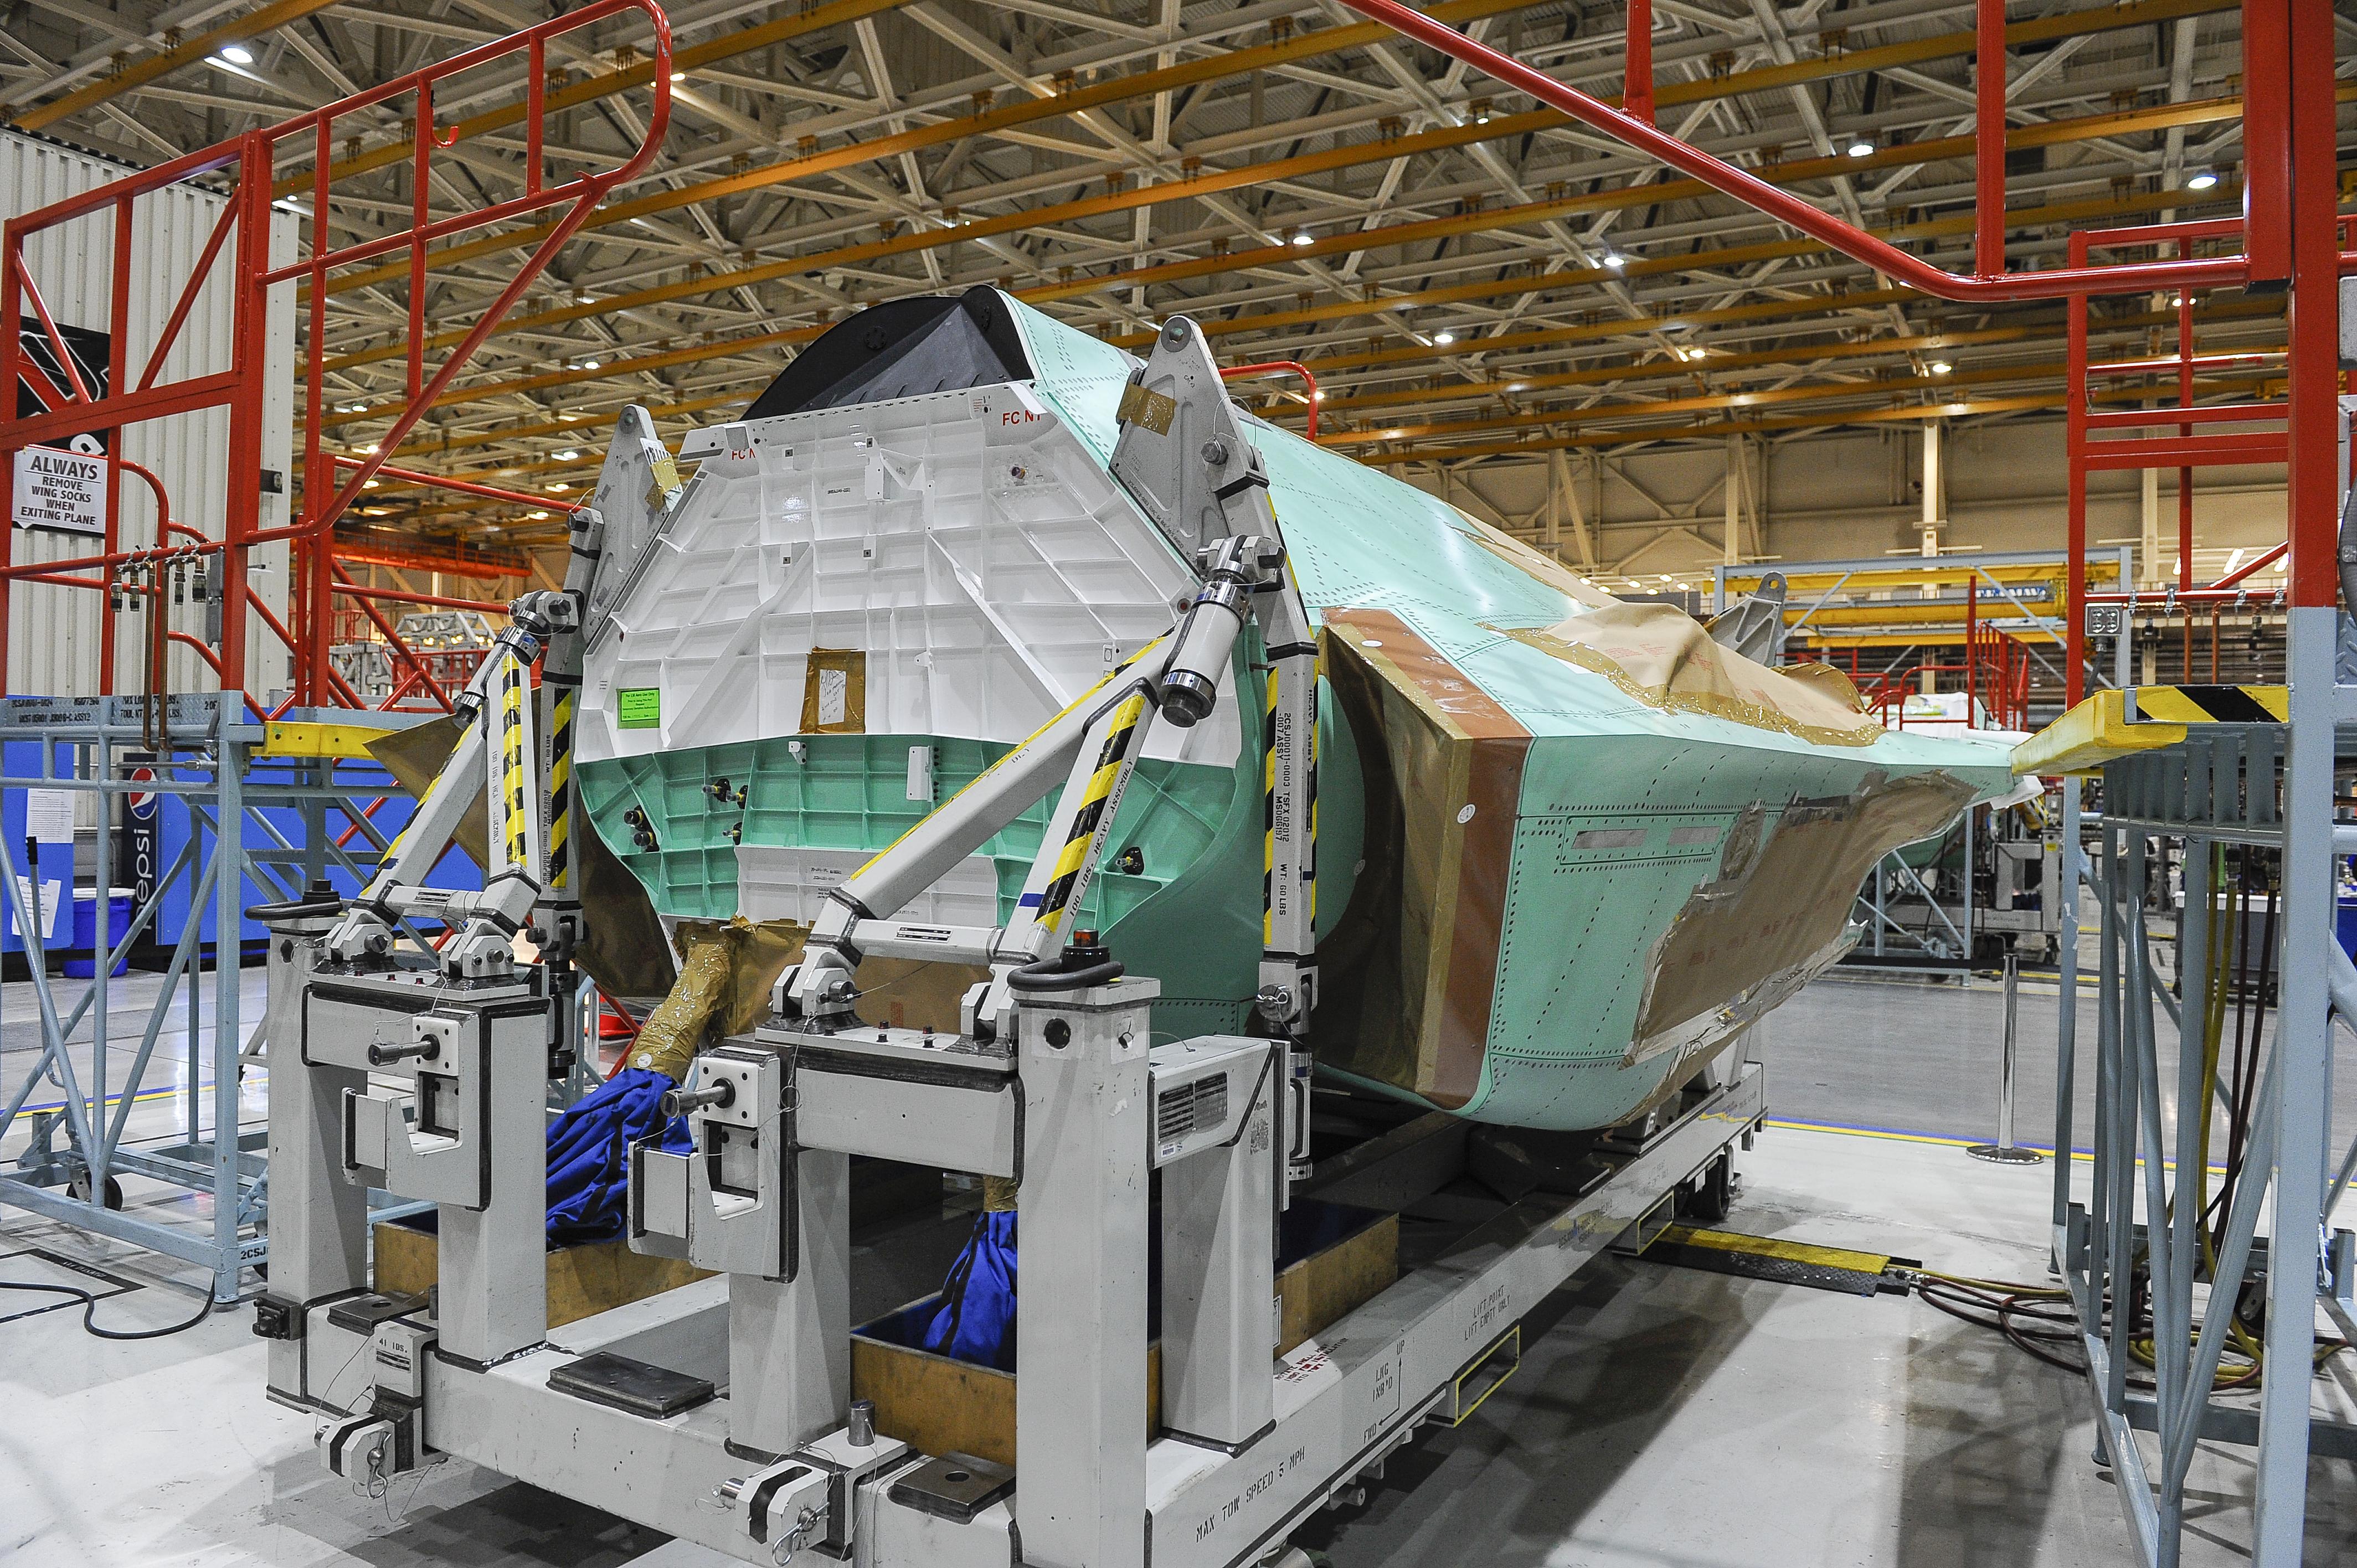 F-35 Lightning II, Fuselage